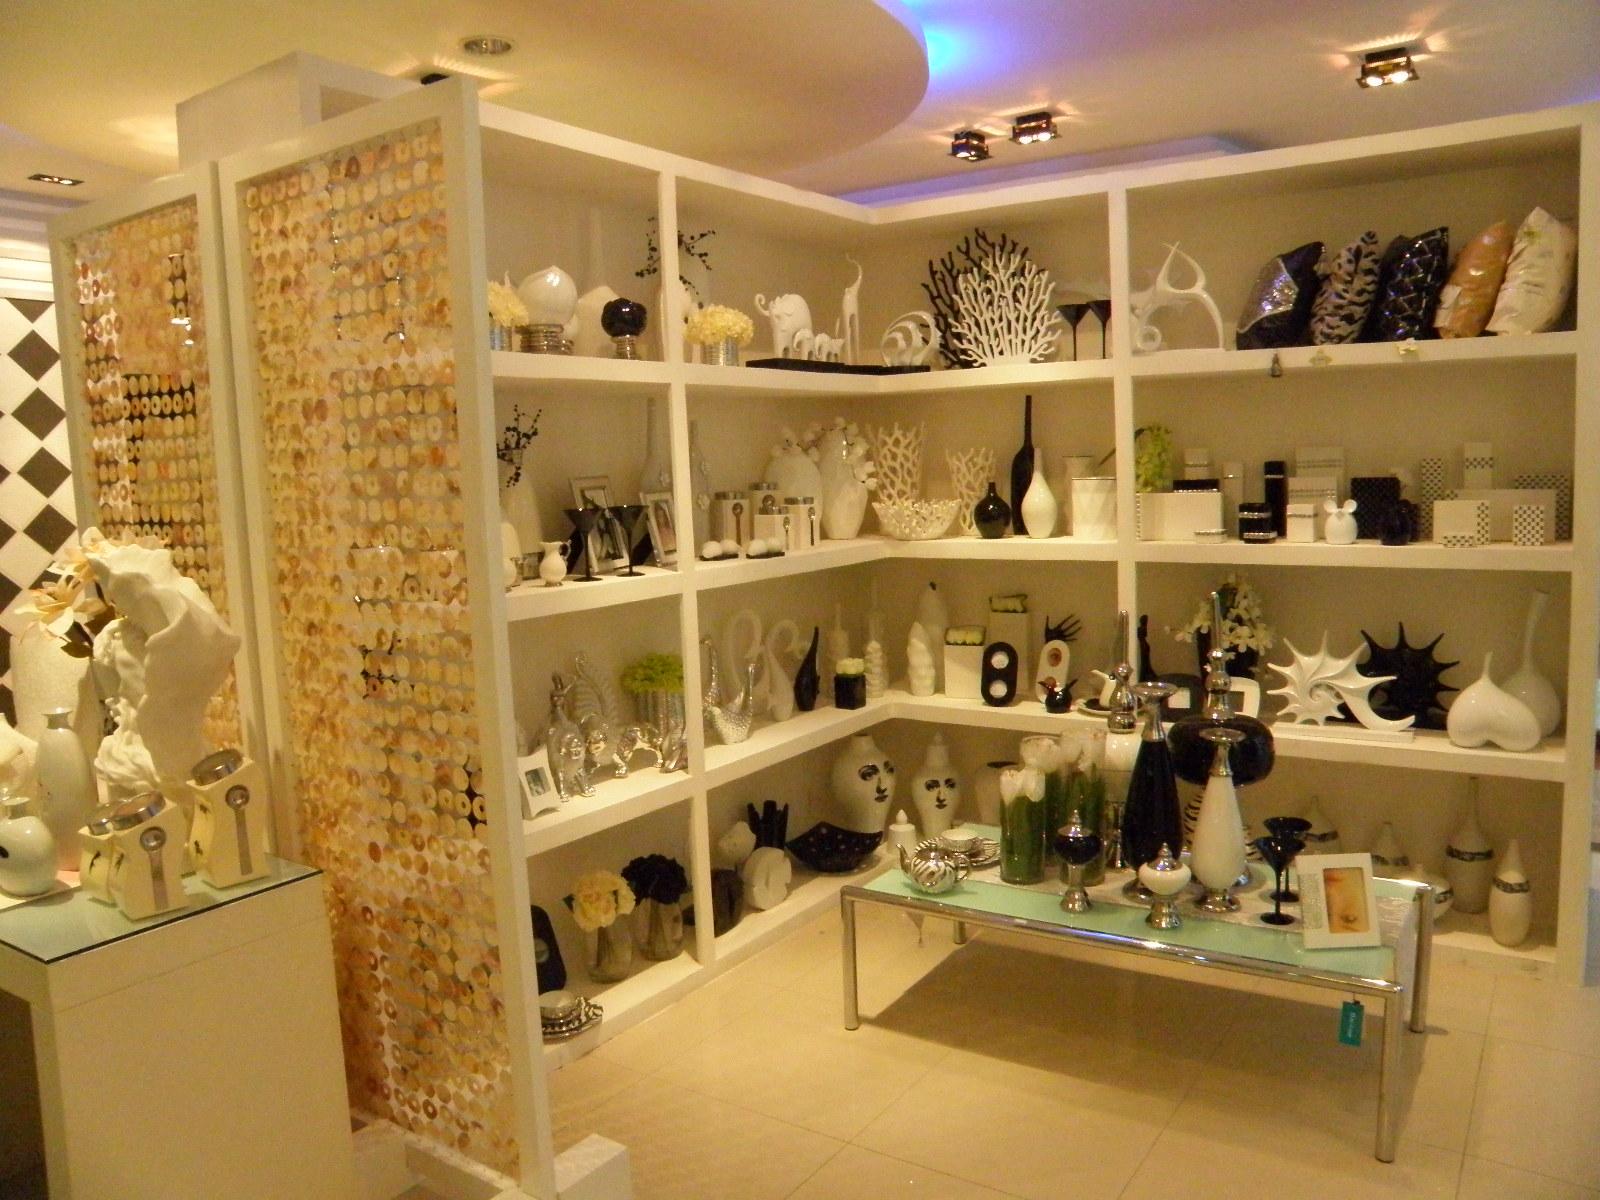 韩国饰品店装修风格_我要开一个家居饰品店,,喜欢现代简约风格的,有过来人指点 ...